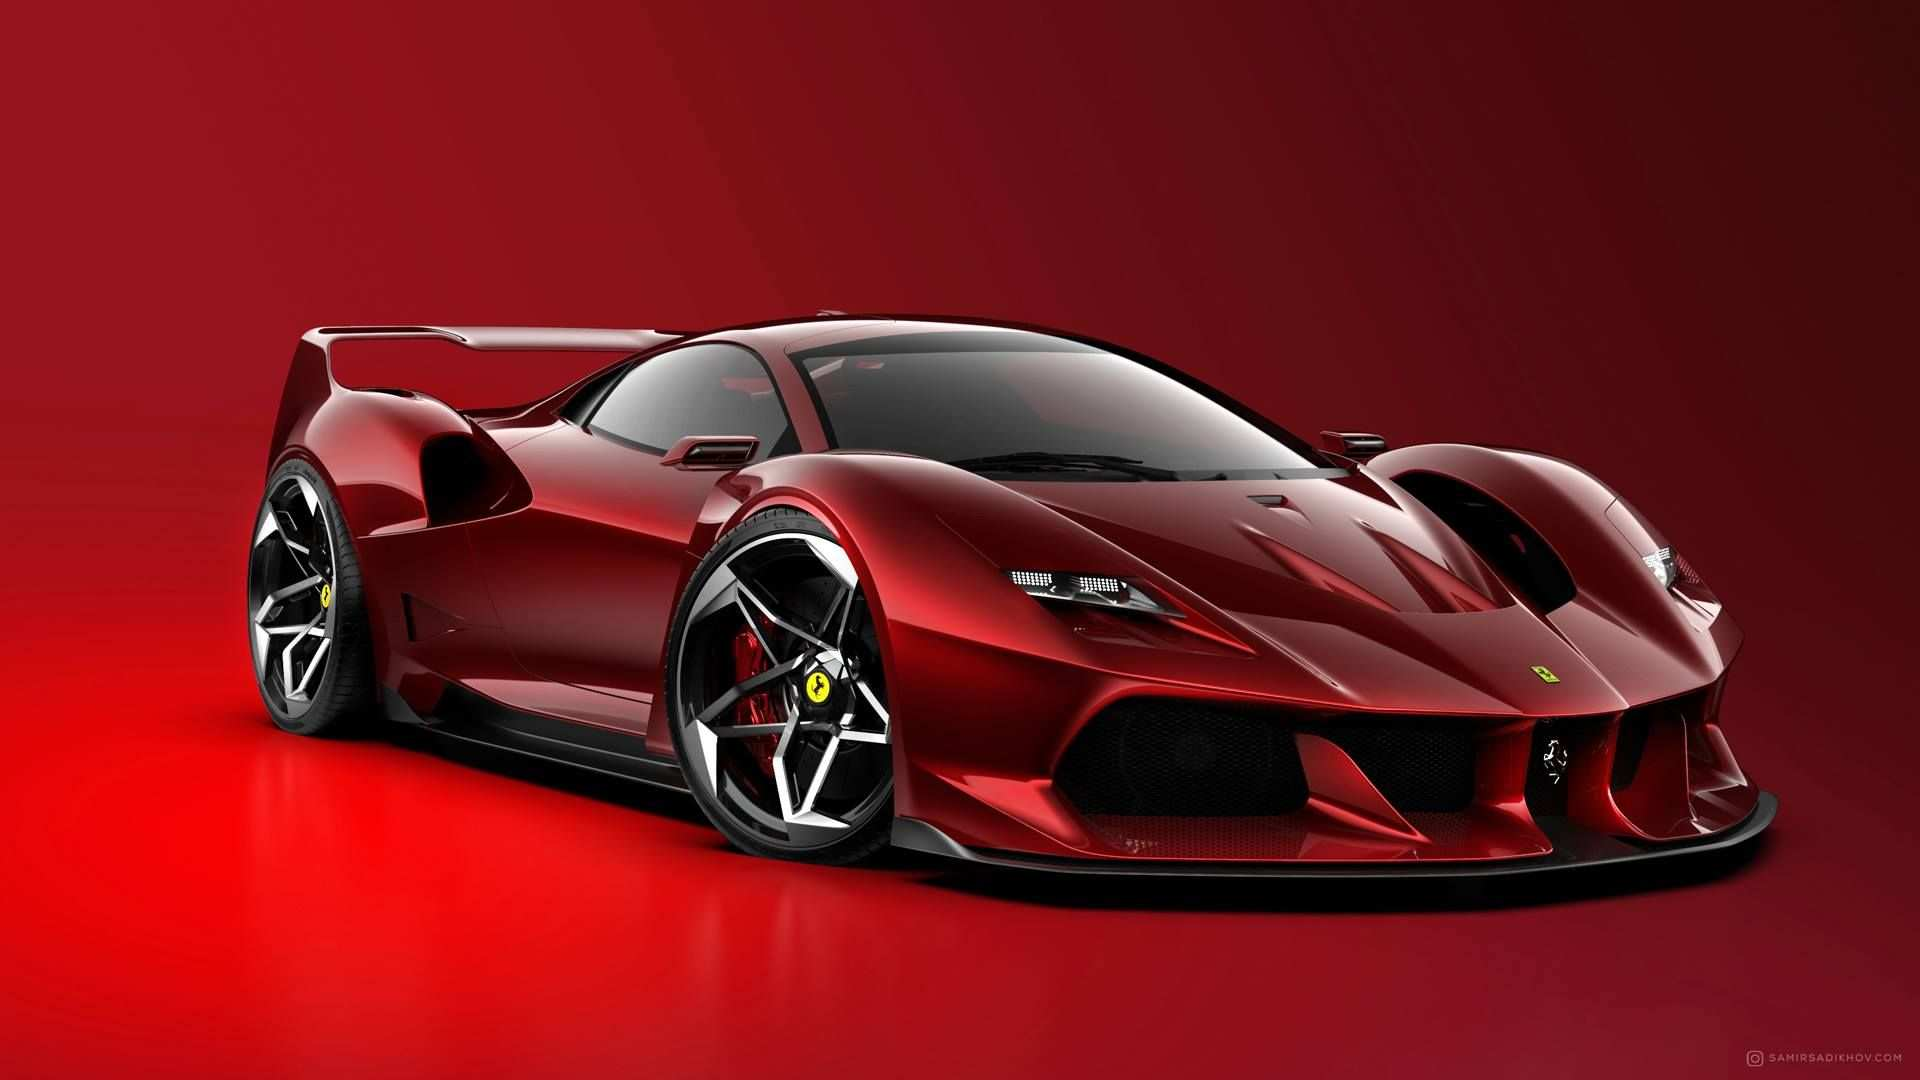 Ferrari F40 Tribute Render Ferrari F40 Super Cars Ferrari